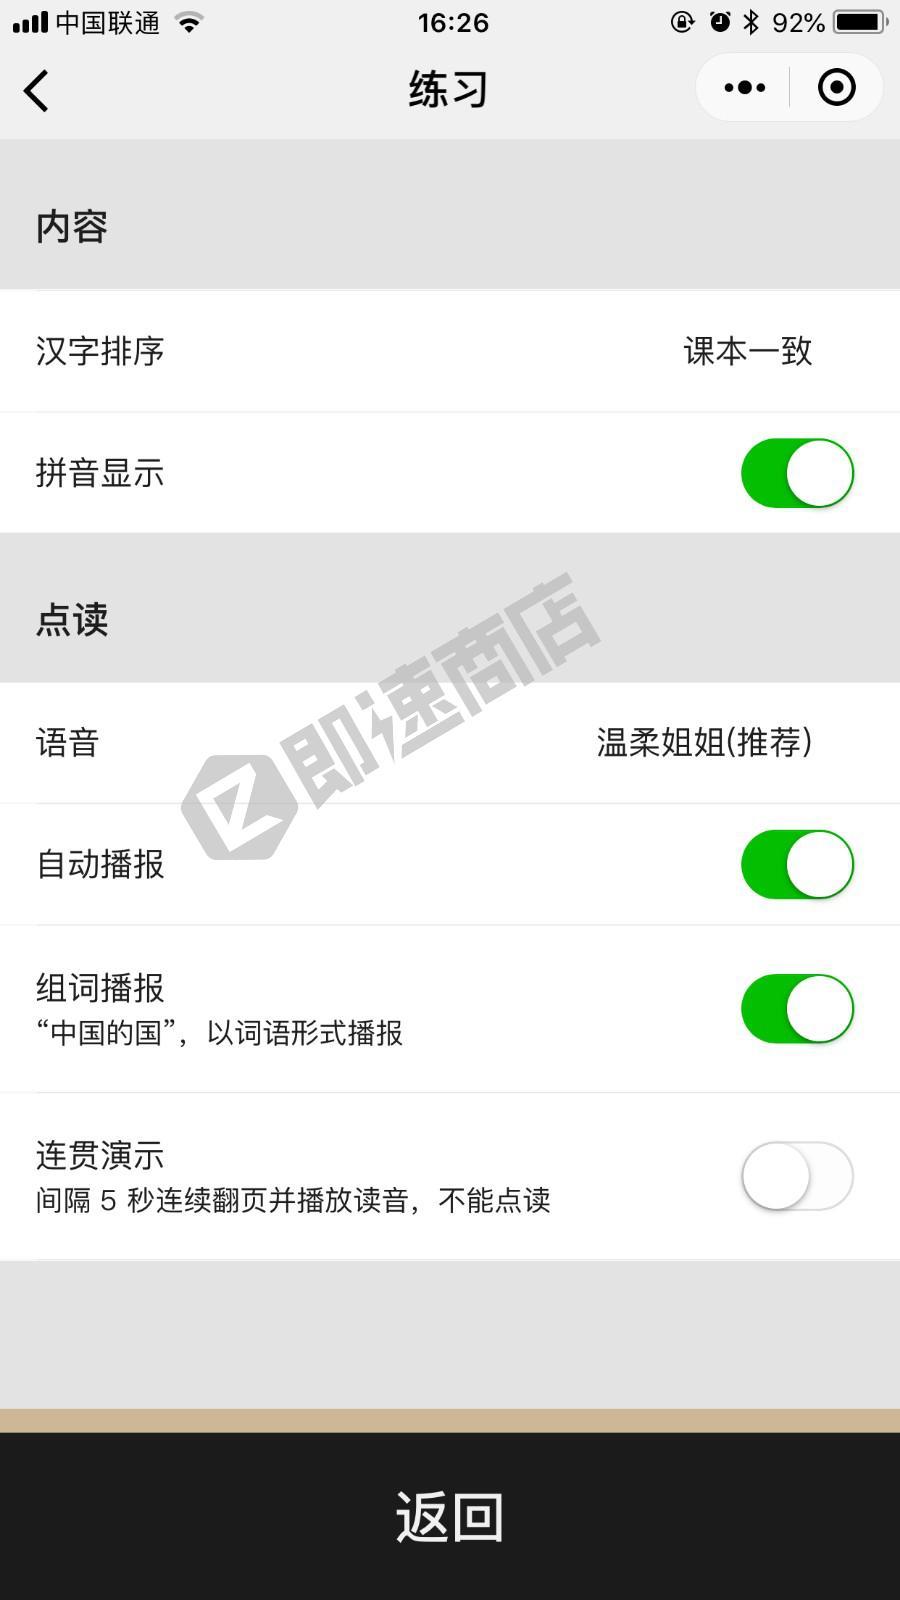 语文识字一汉字学习小学课本点读小程序详情页截图1